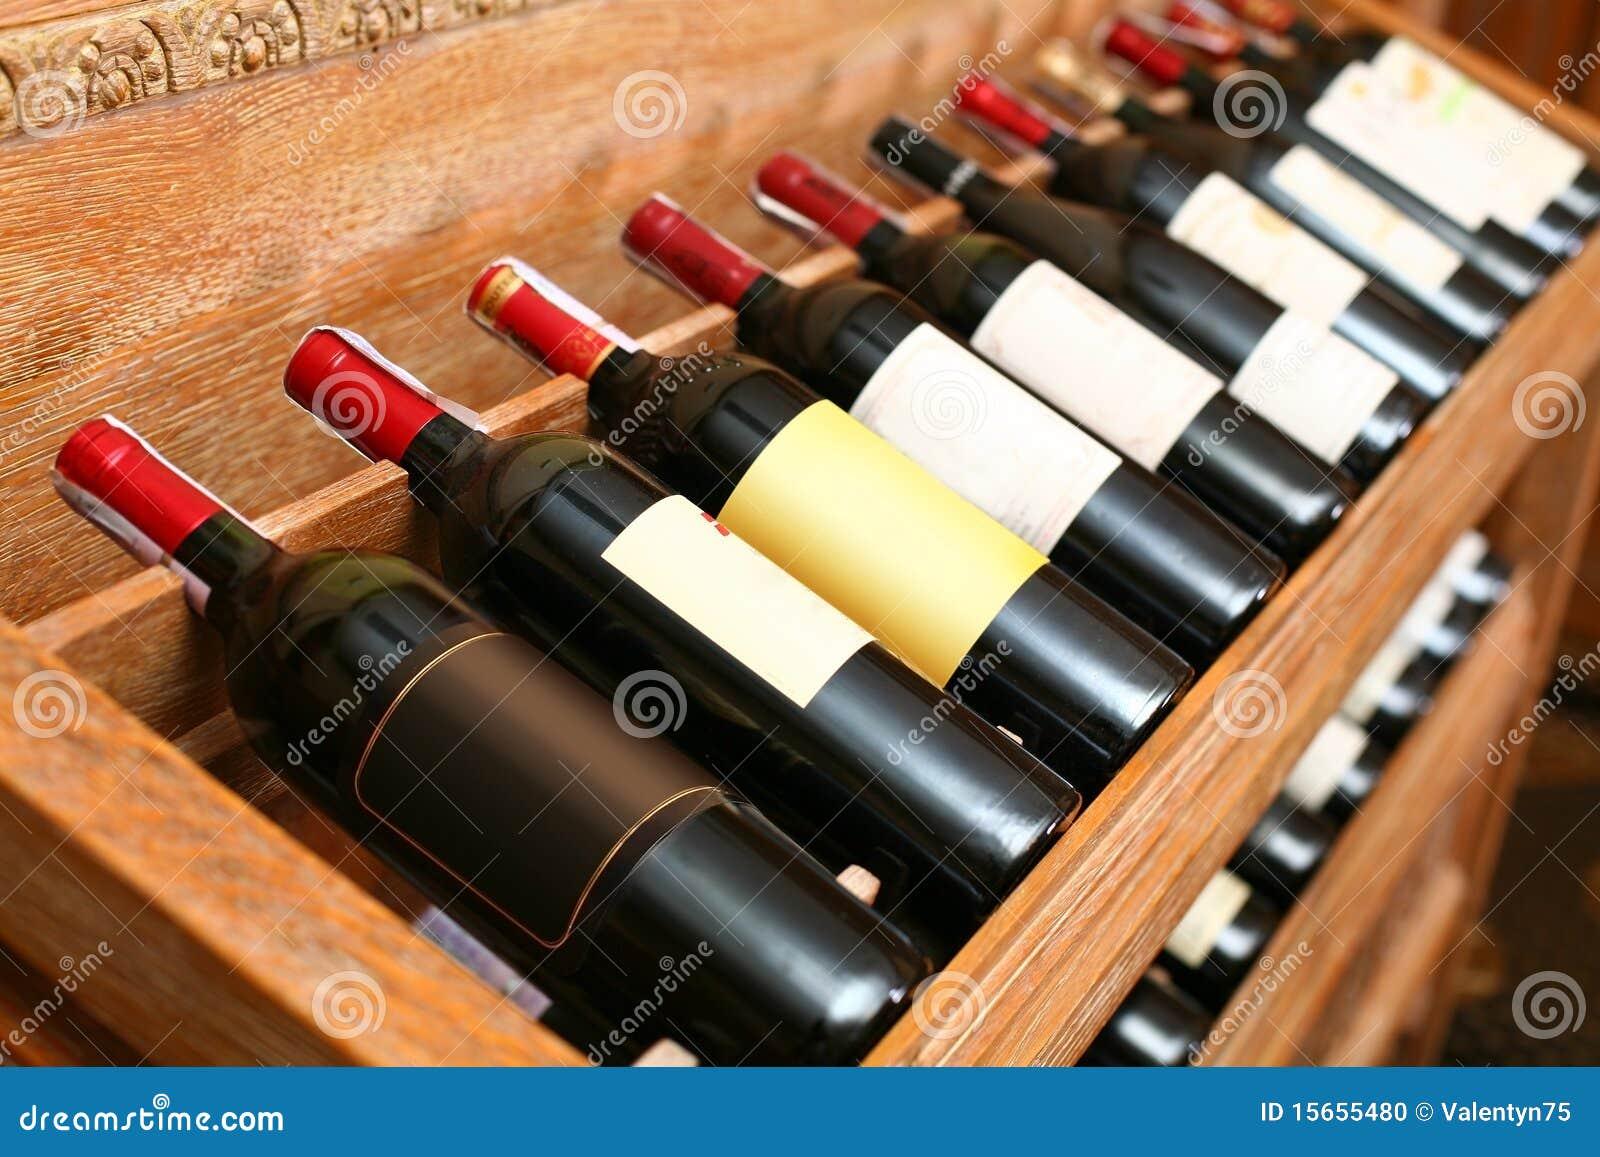 Momentopname van de wijnkelder.